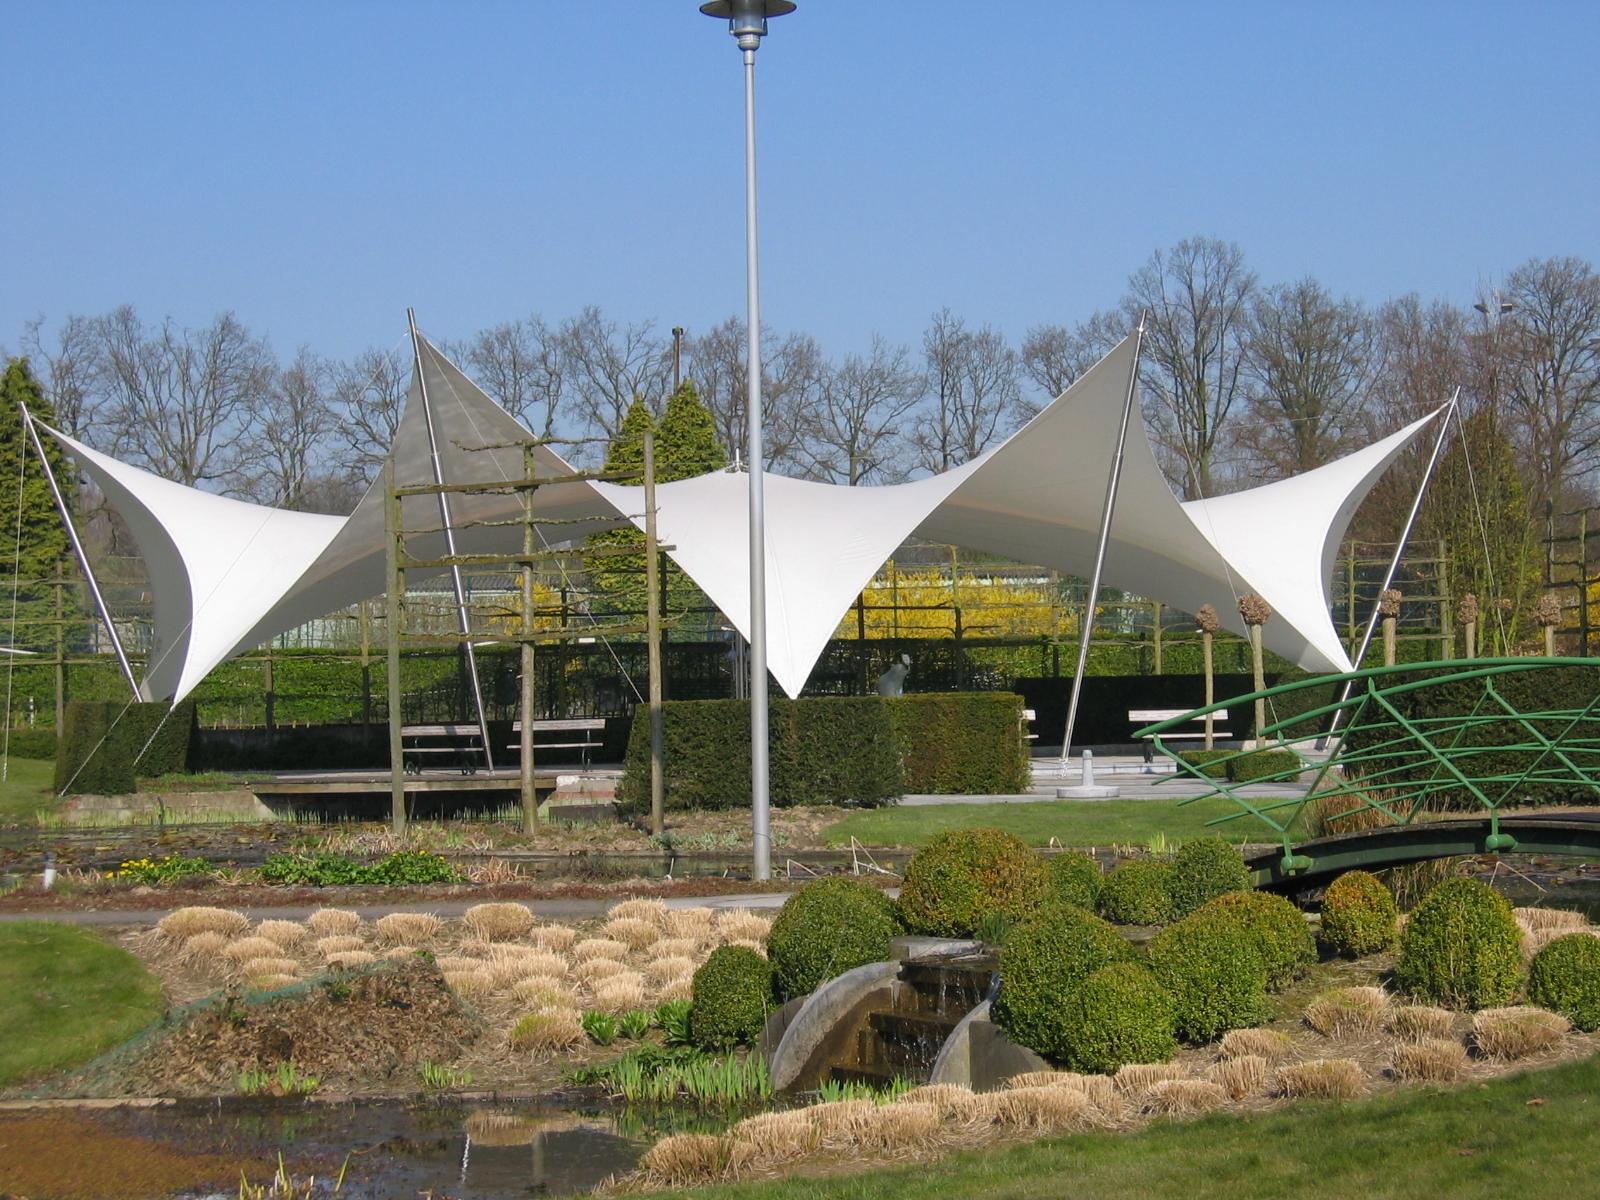 yarasa tente çadır